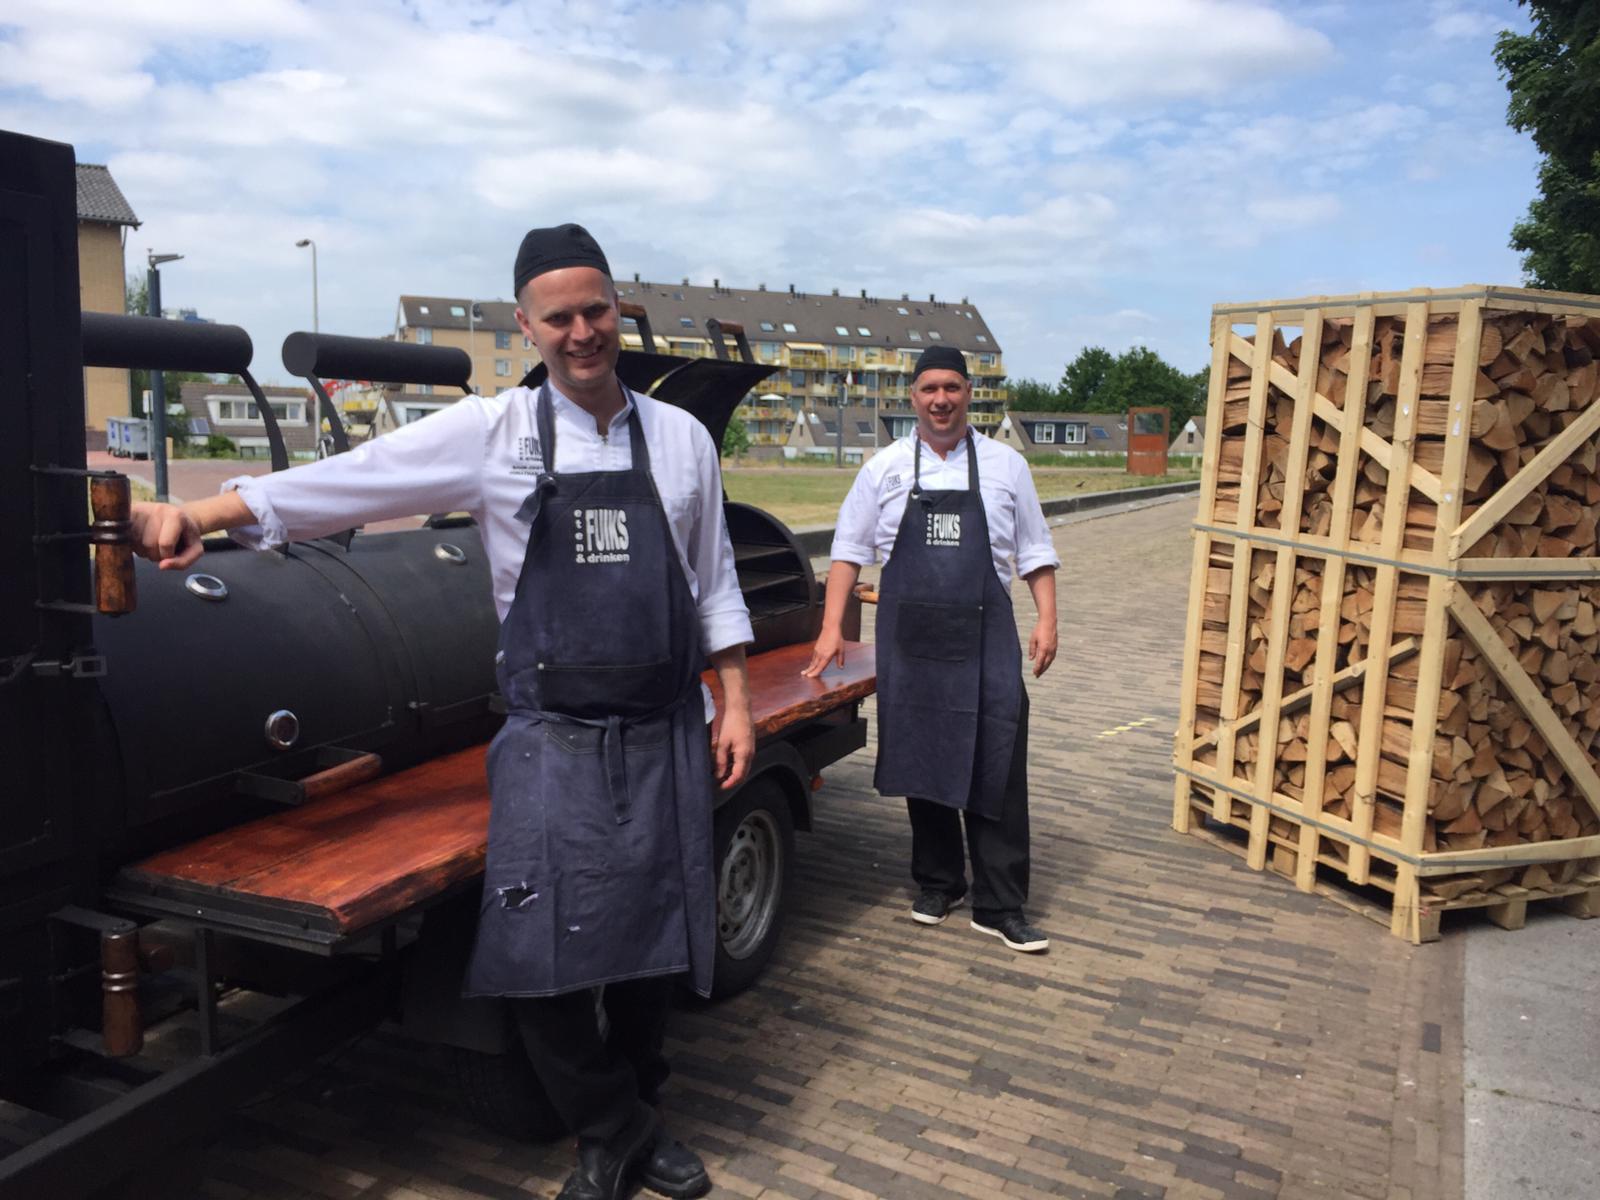 Chef-kok Gaston Scholte (rechts) en Sous-chef Jonathan van Es (links) bij de Oklahoma Smoker